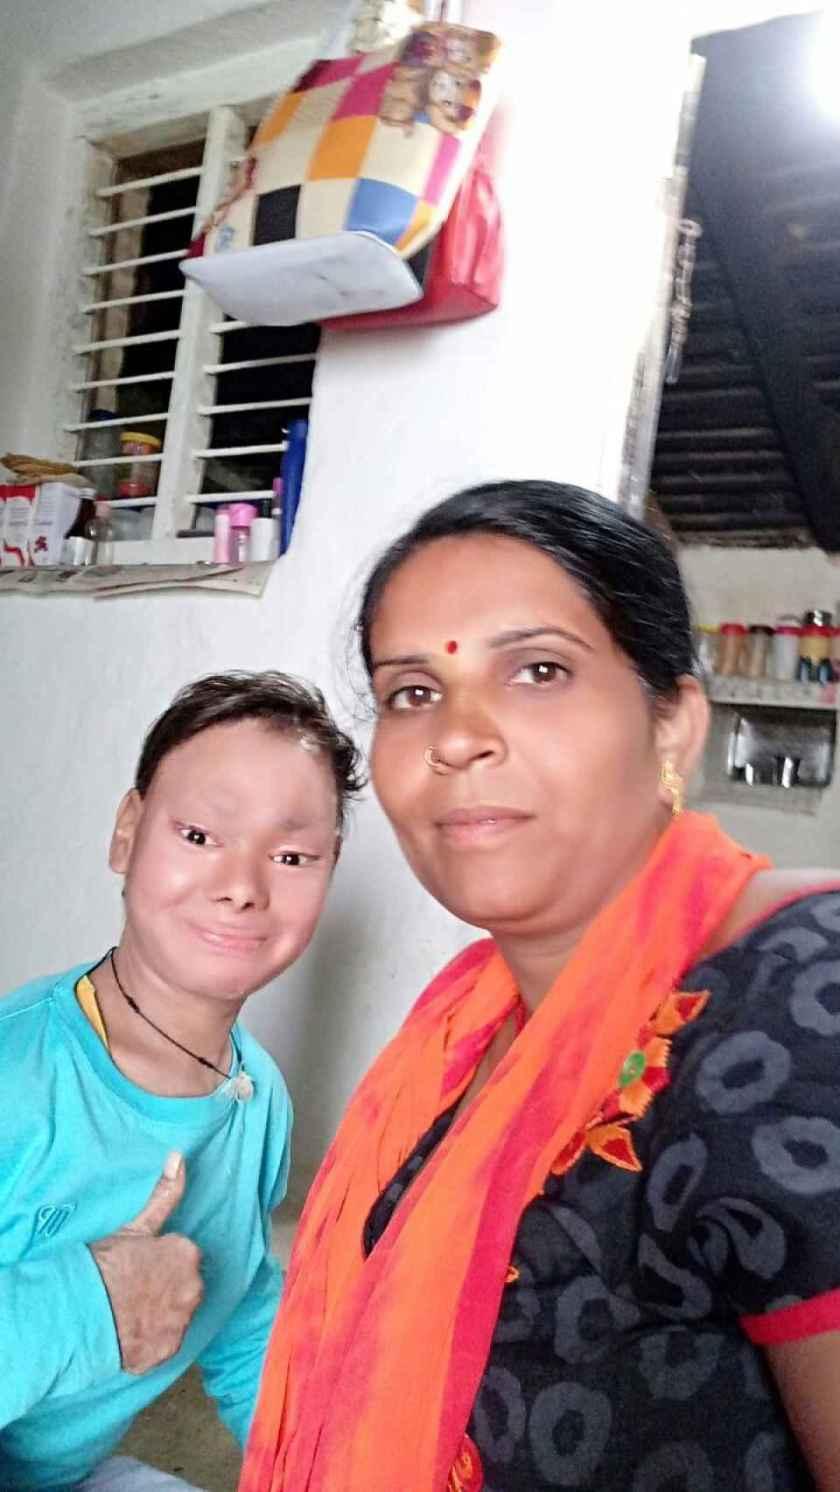 Shalini posa sonriente junto a su madre, Devkumar, en su hogar de Nowgong.